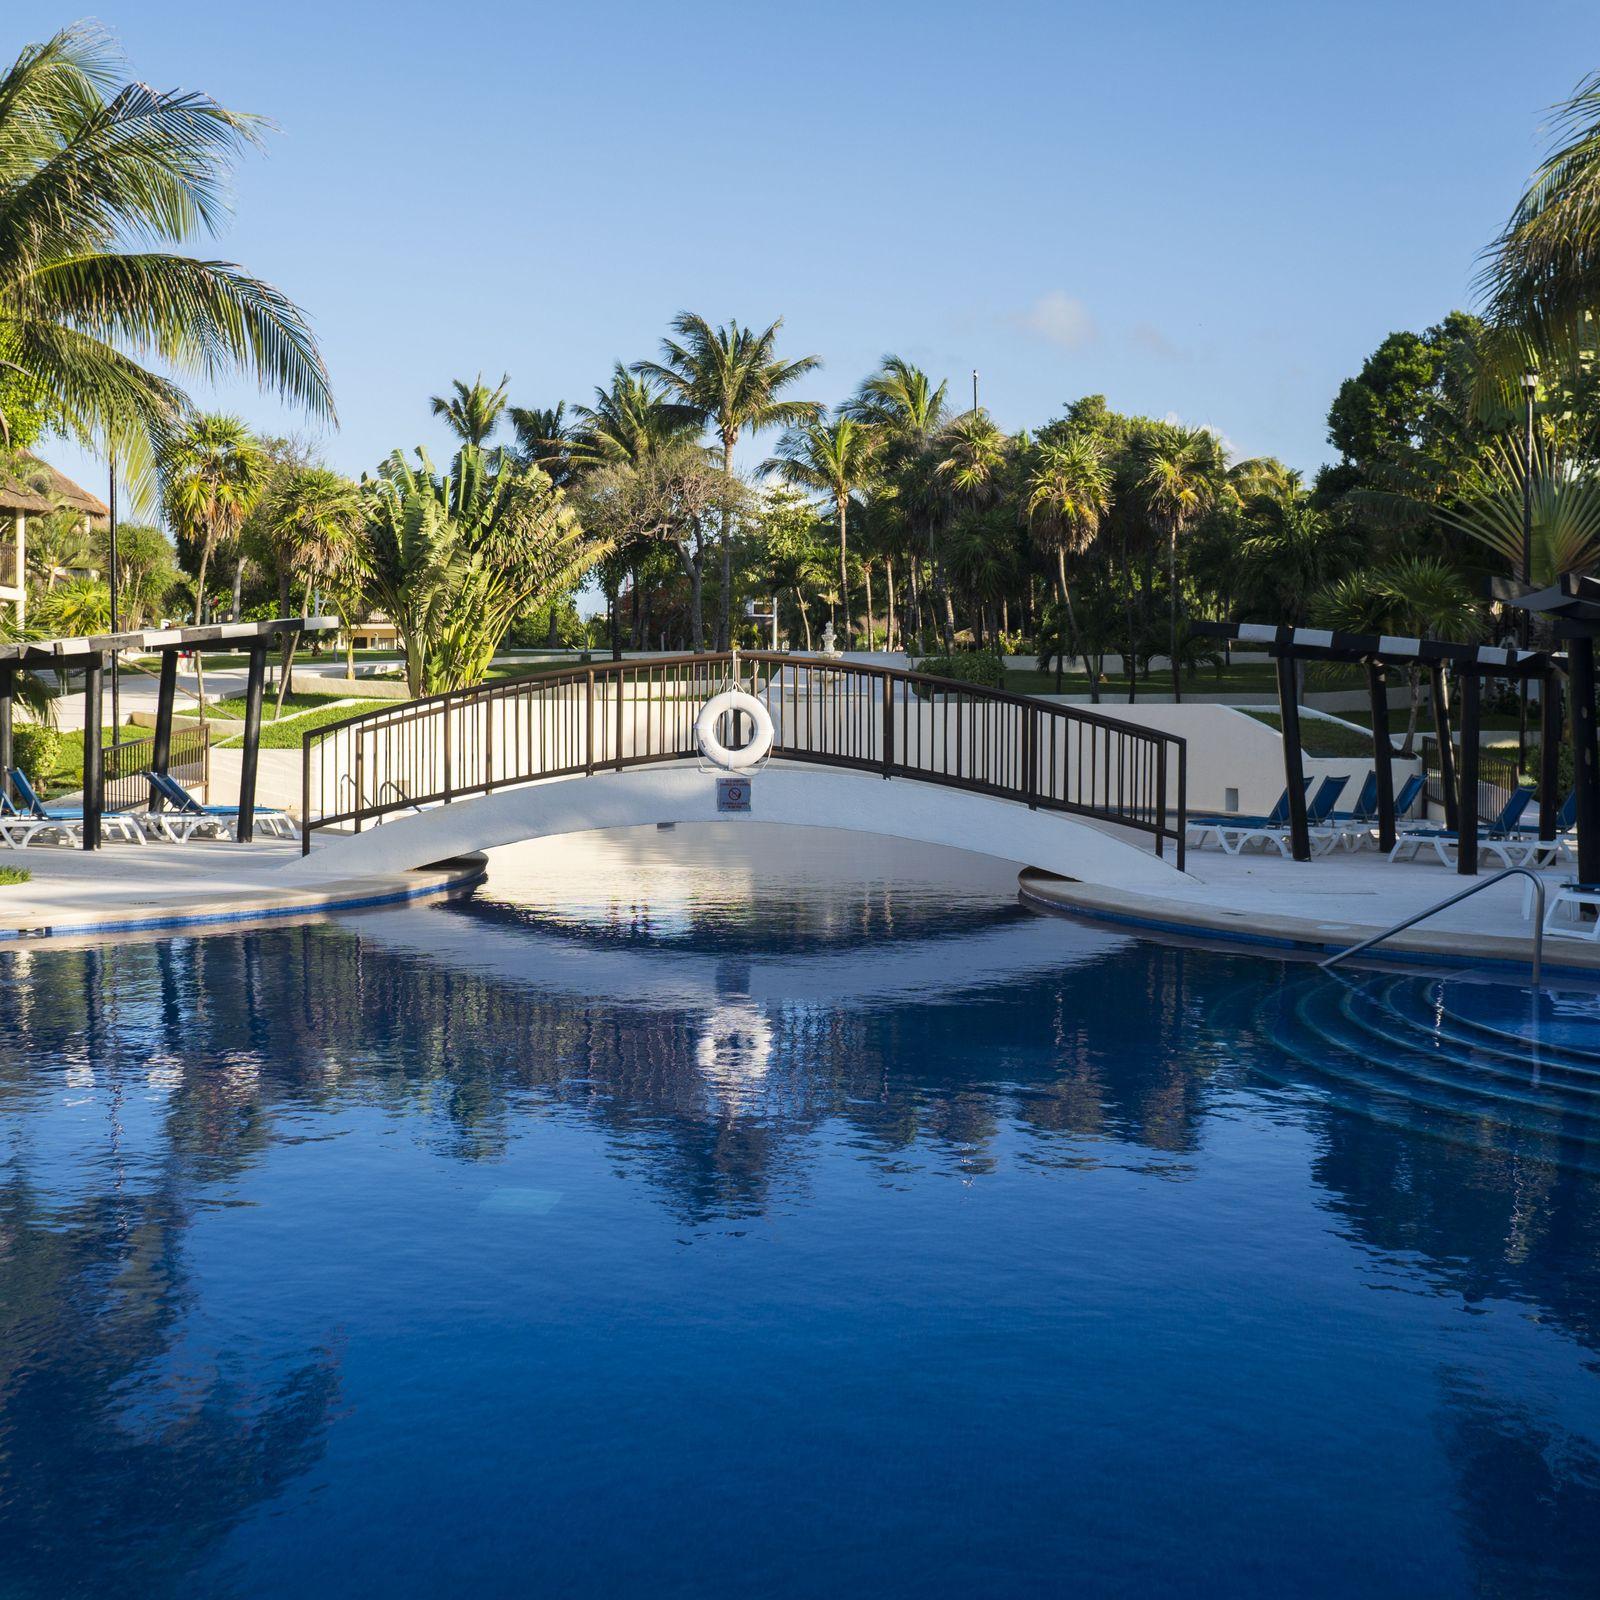 mejor hotel todo incluido en playa del carmen vacaciones. Black Bedroom Furniture Sets. Home Design Ideas